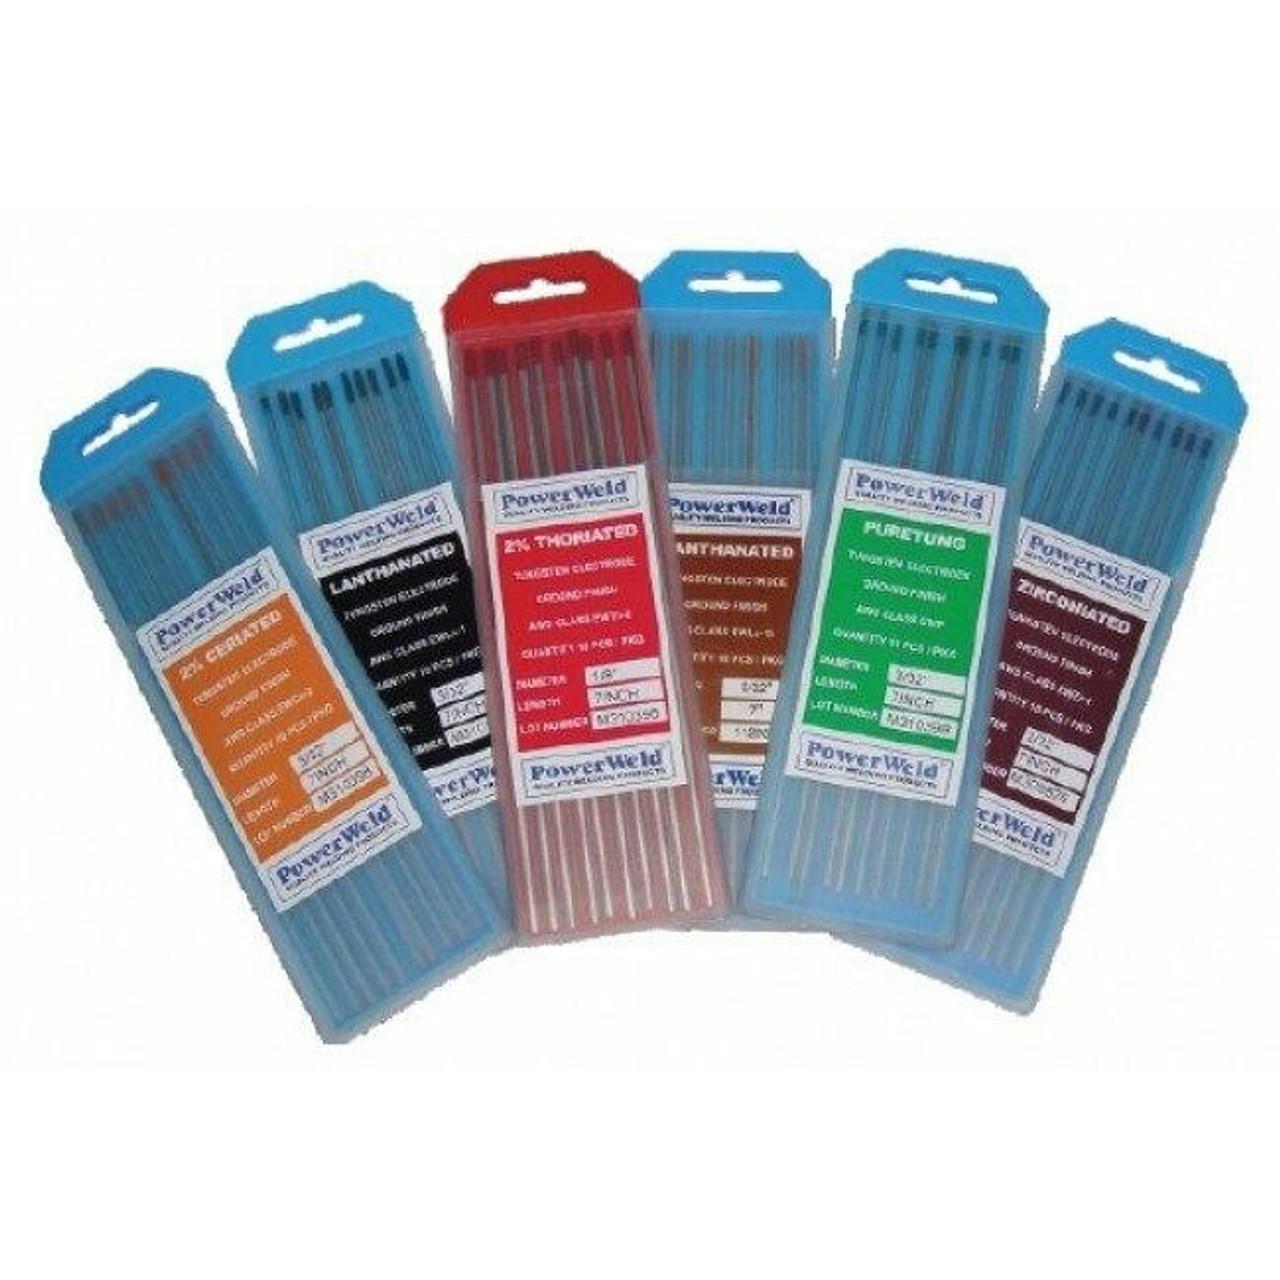 Powerweld Tri-Mix Tungsten Electrodes 1/8 x 7 10 Pack